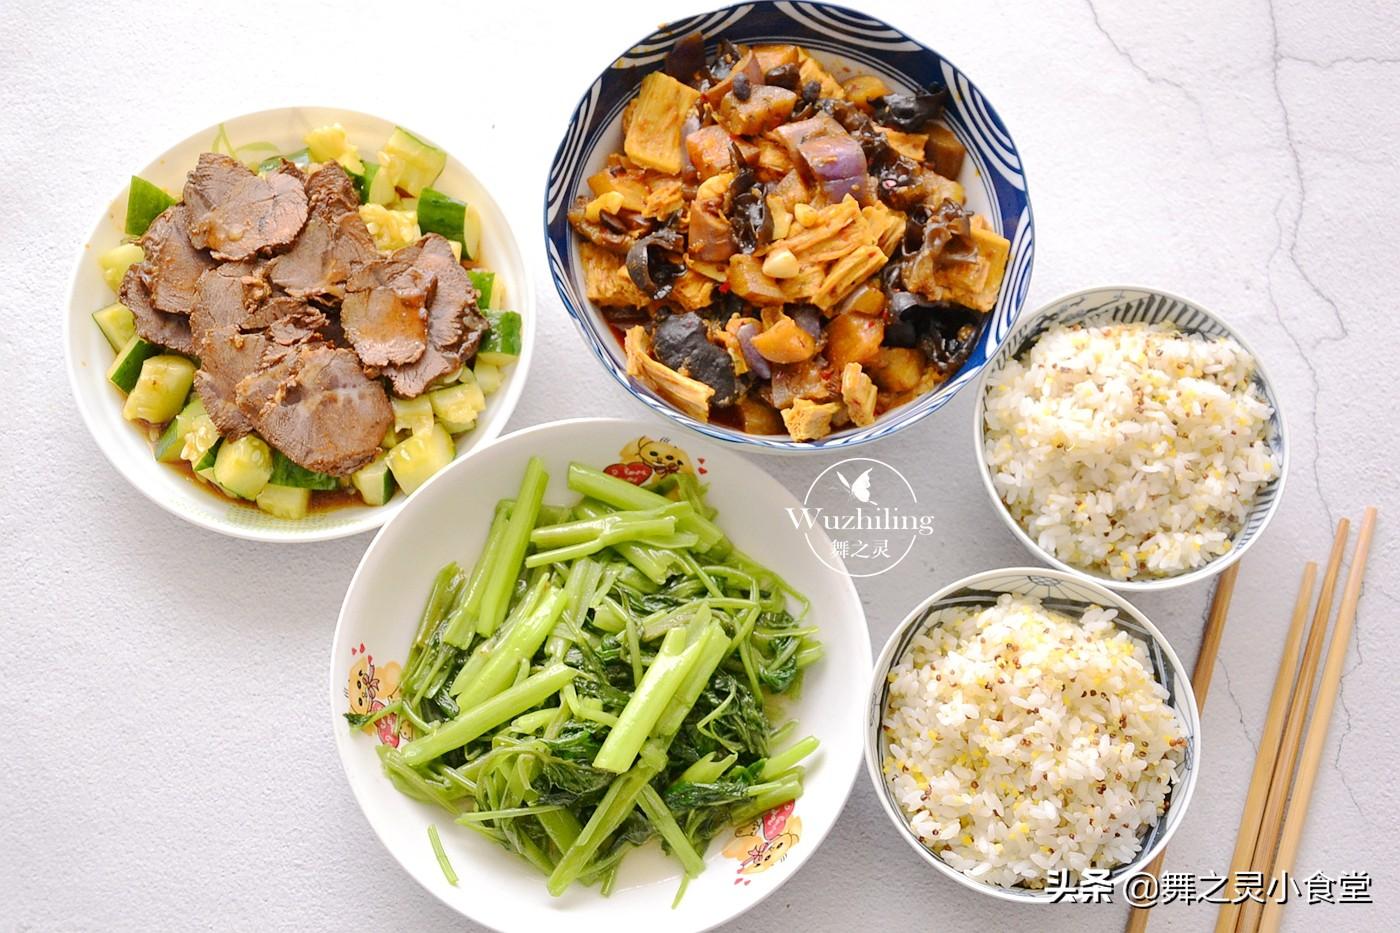 为高考生精心准备的午餐,健康又营养 午餐 第6张